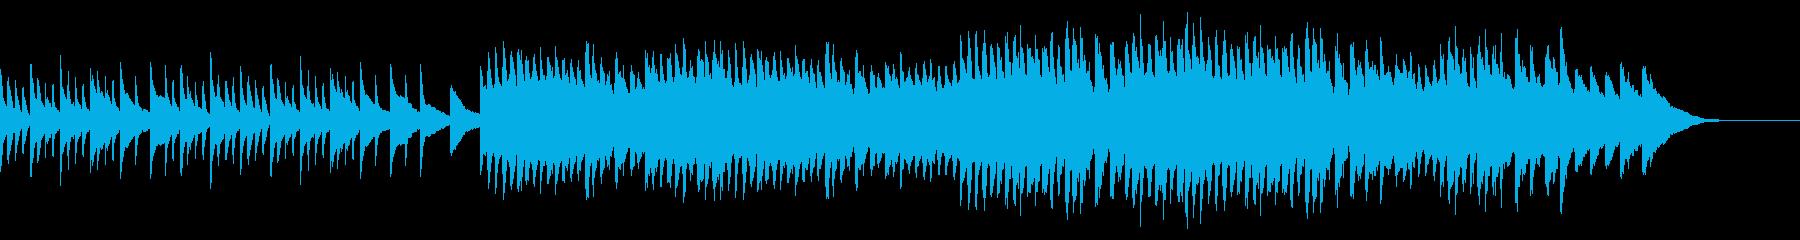 温もりを感じるイメージのピアノソロ曲の再生済みの波形